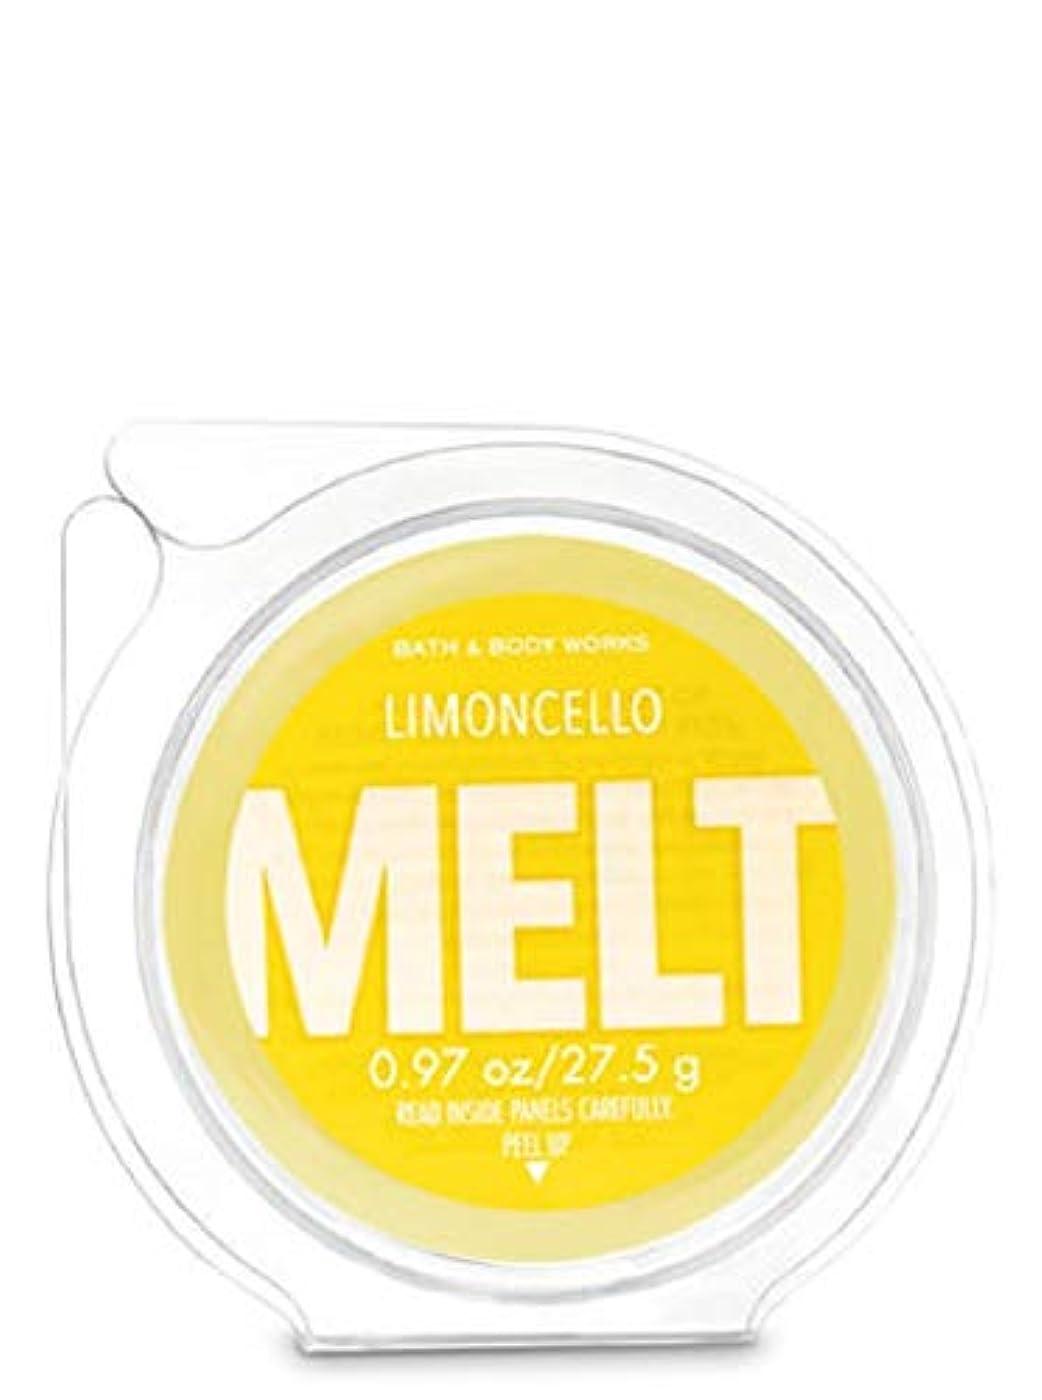 十億つかむ疫病【Bath&Body Works/バス&ボディワークス】 フレグランスメルト タルト ワックスポプリ リモンチェッロ Wax Fragrance Melt Limoncello 0.97oz/27.5g